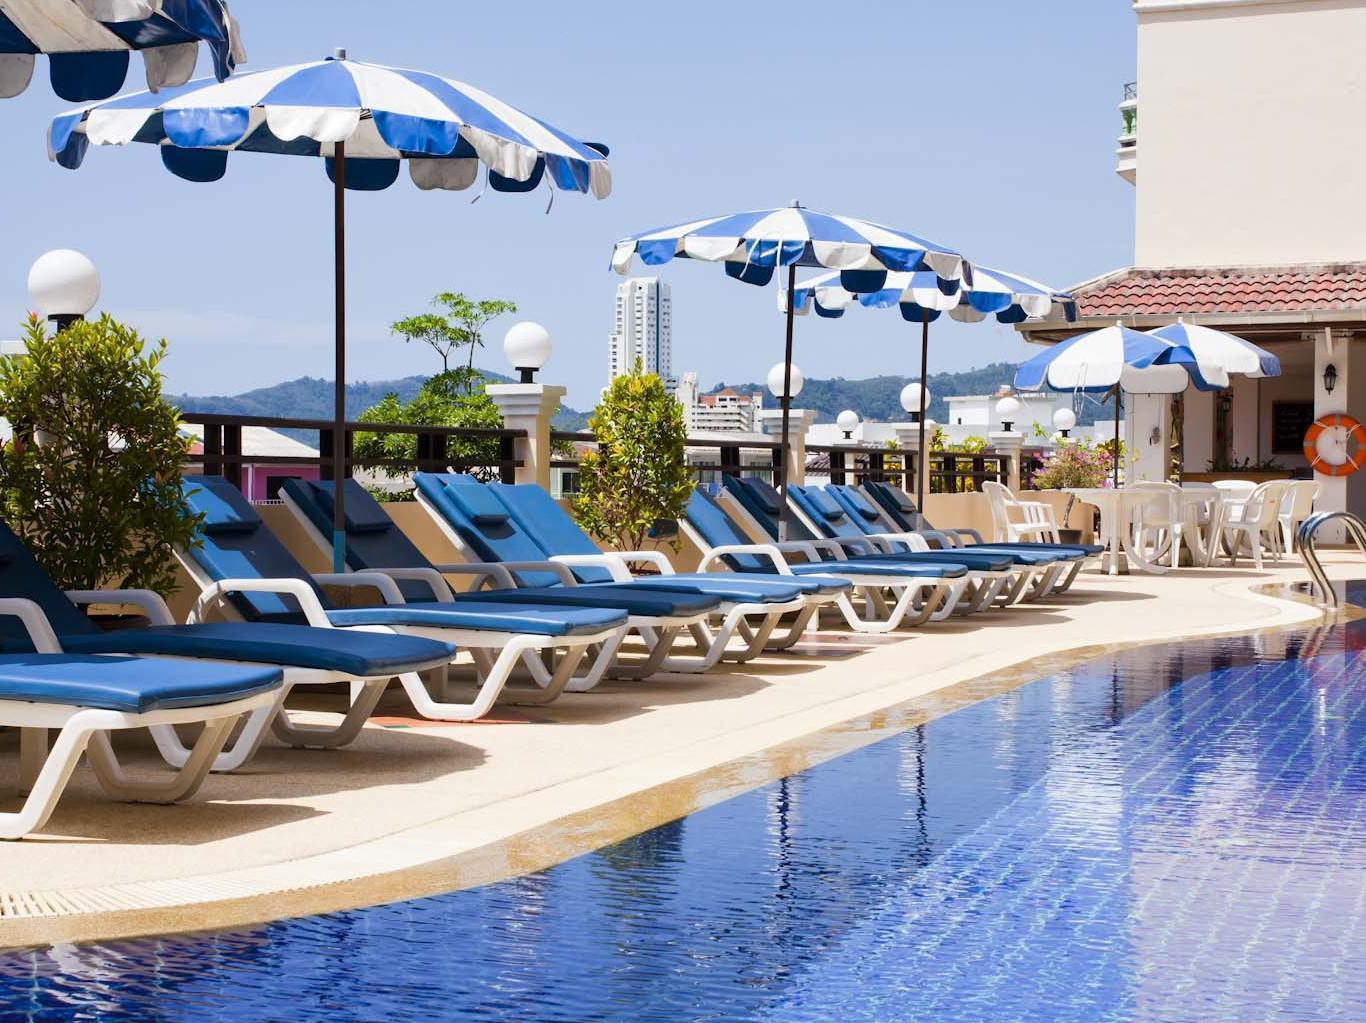 Jiraporn Hill Resort จิราภรณ์ ฮิลล์ รีสอร์ท